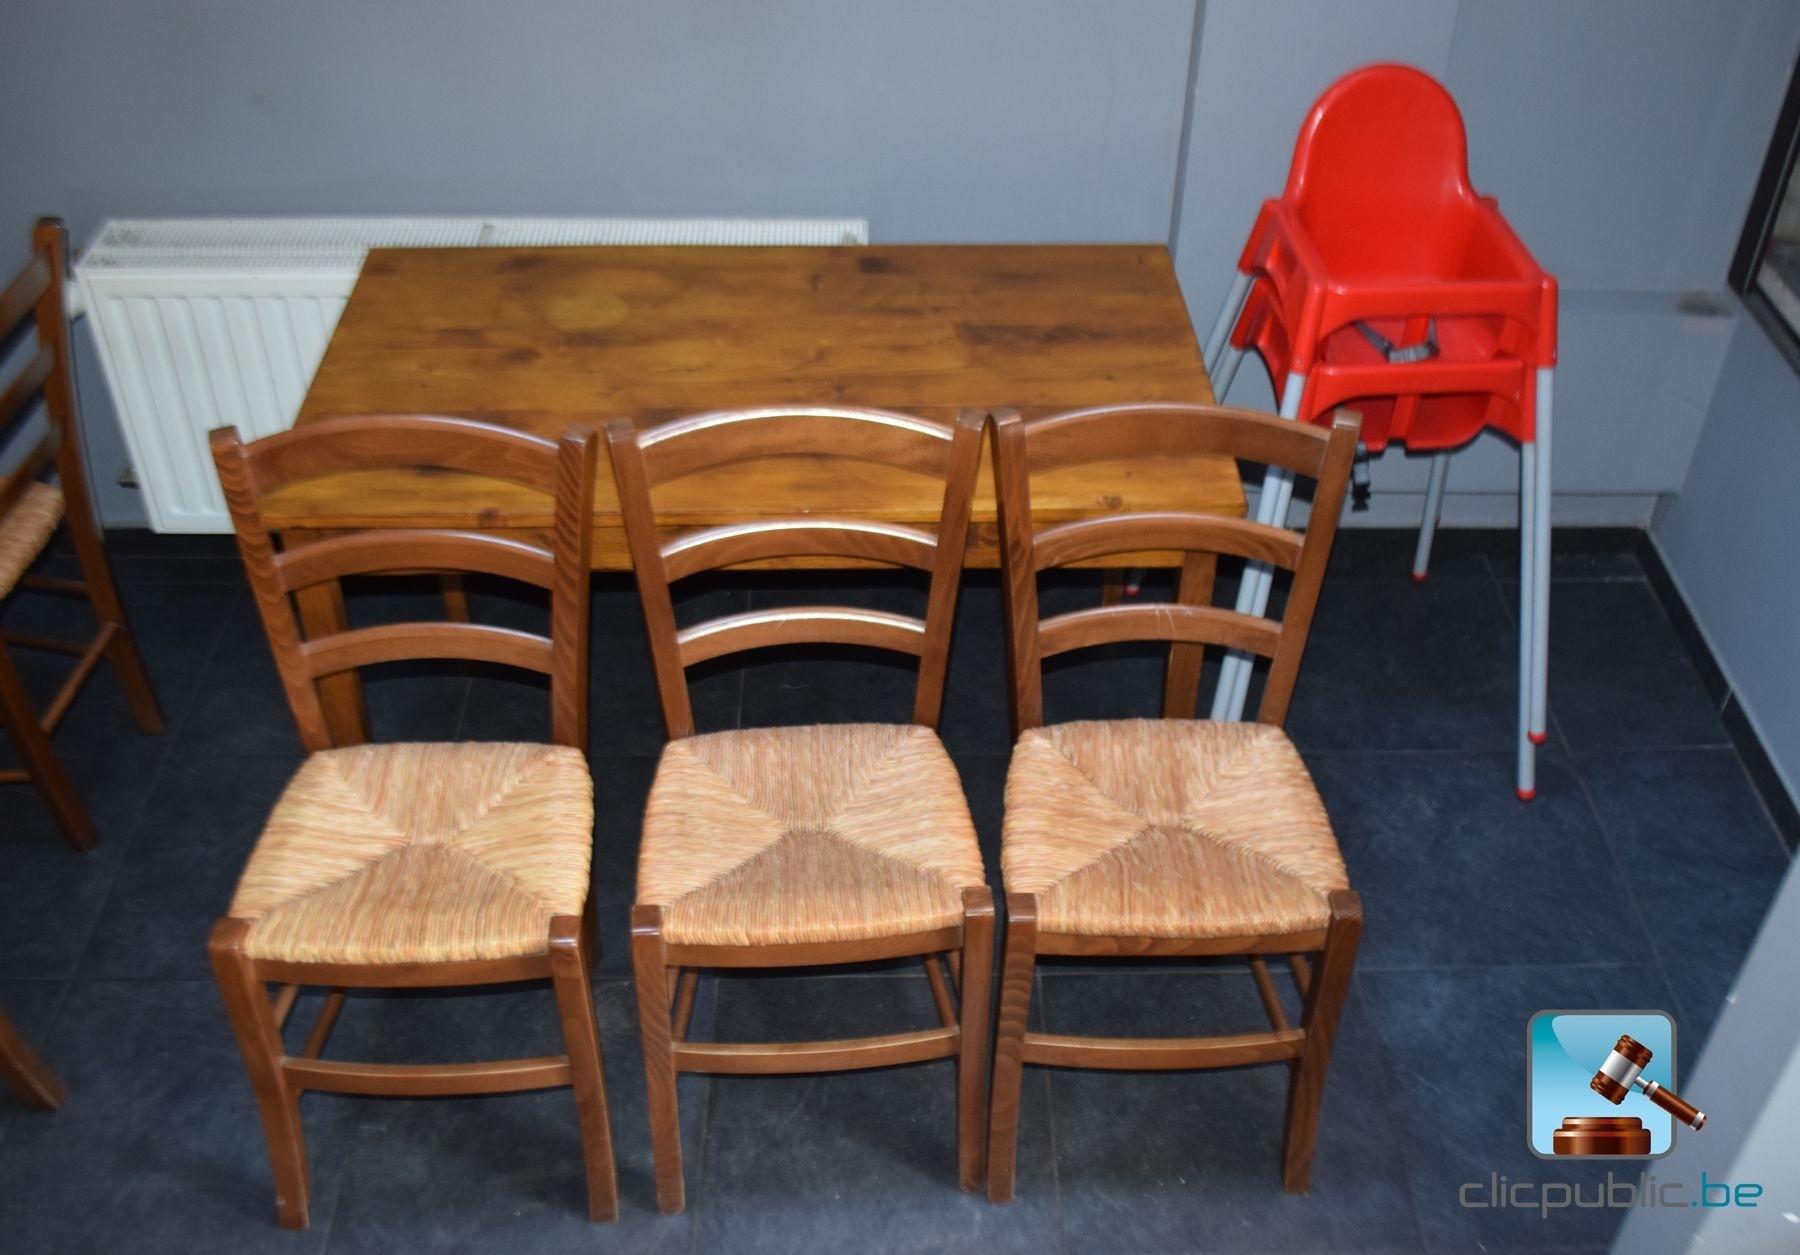 Mobilier de salle horeca 12 tables ref 1 vendre sur - Mobilier restaurant occasion belgique ...